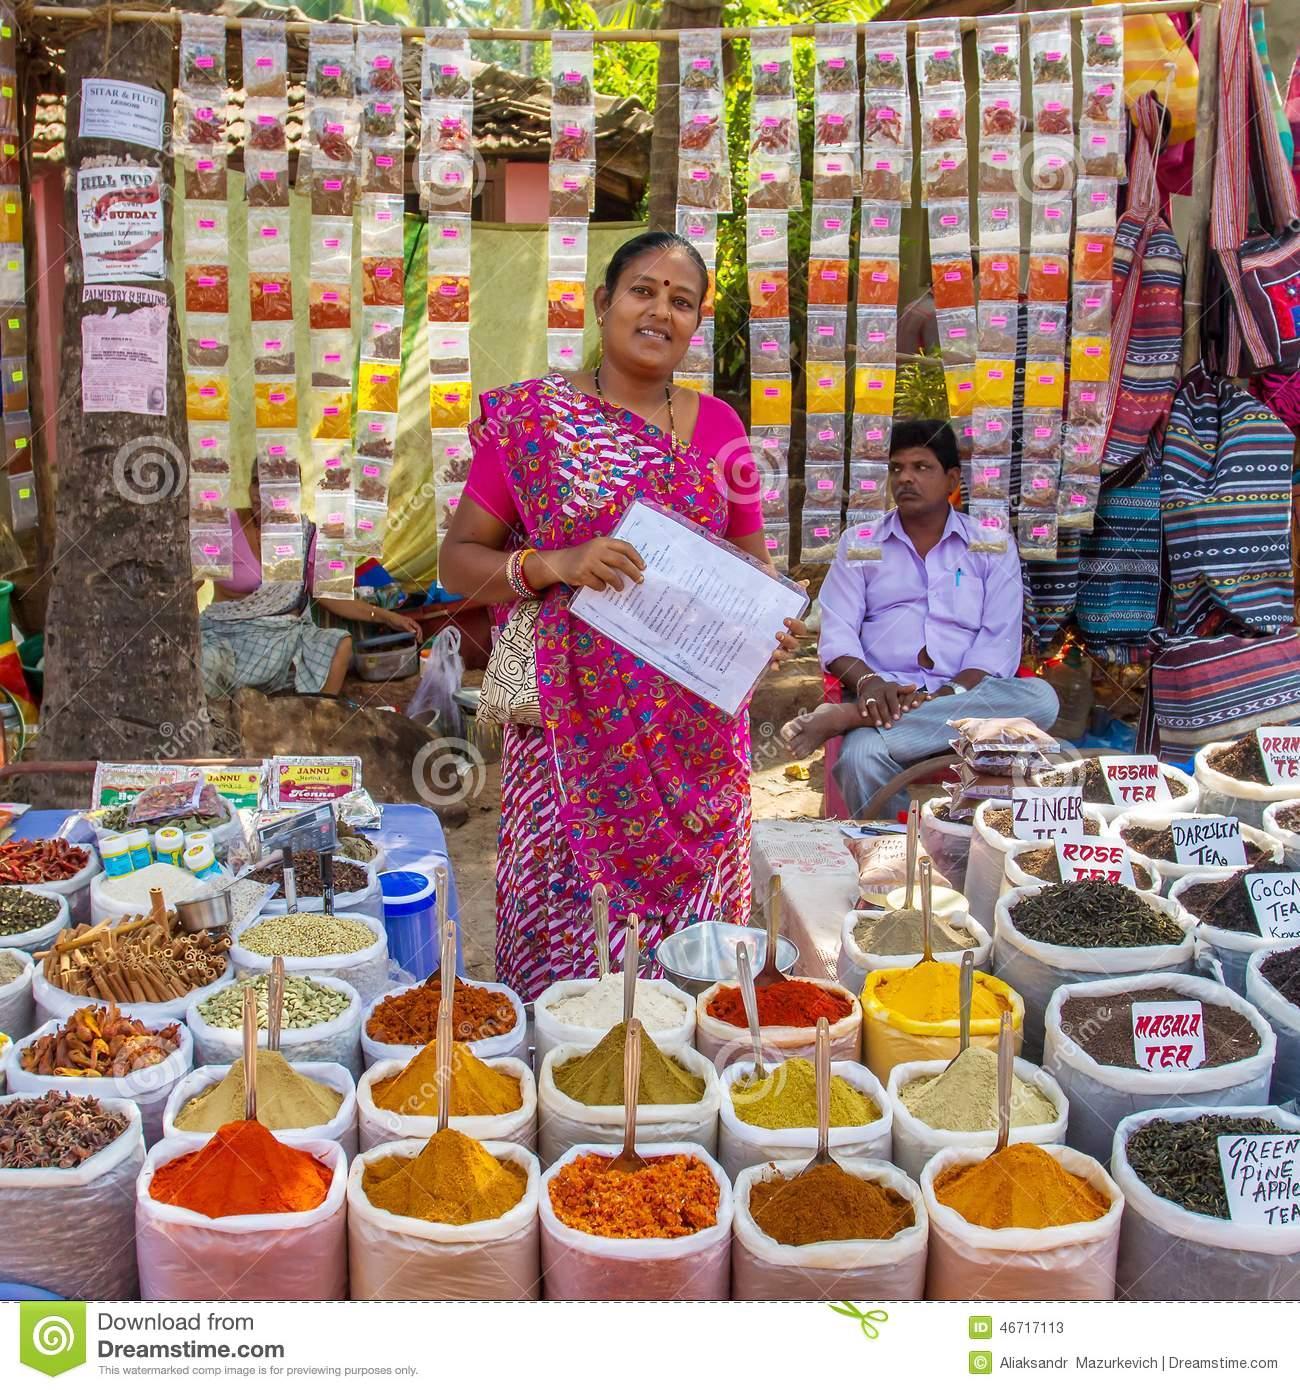 femme-indienne-vendant-des-_pices-au-march_-46717113-1511713911.jpg